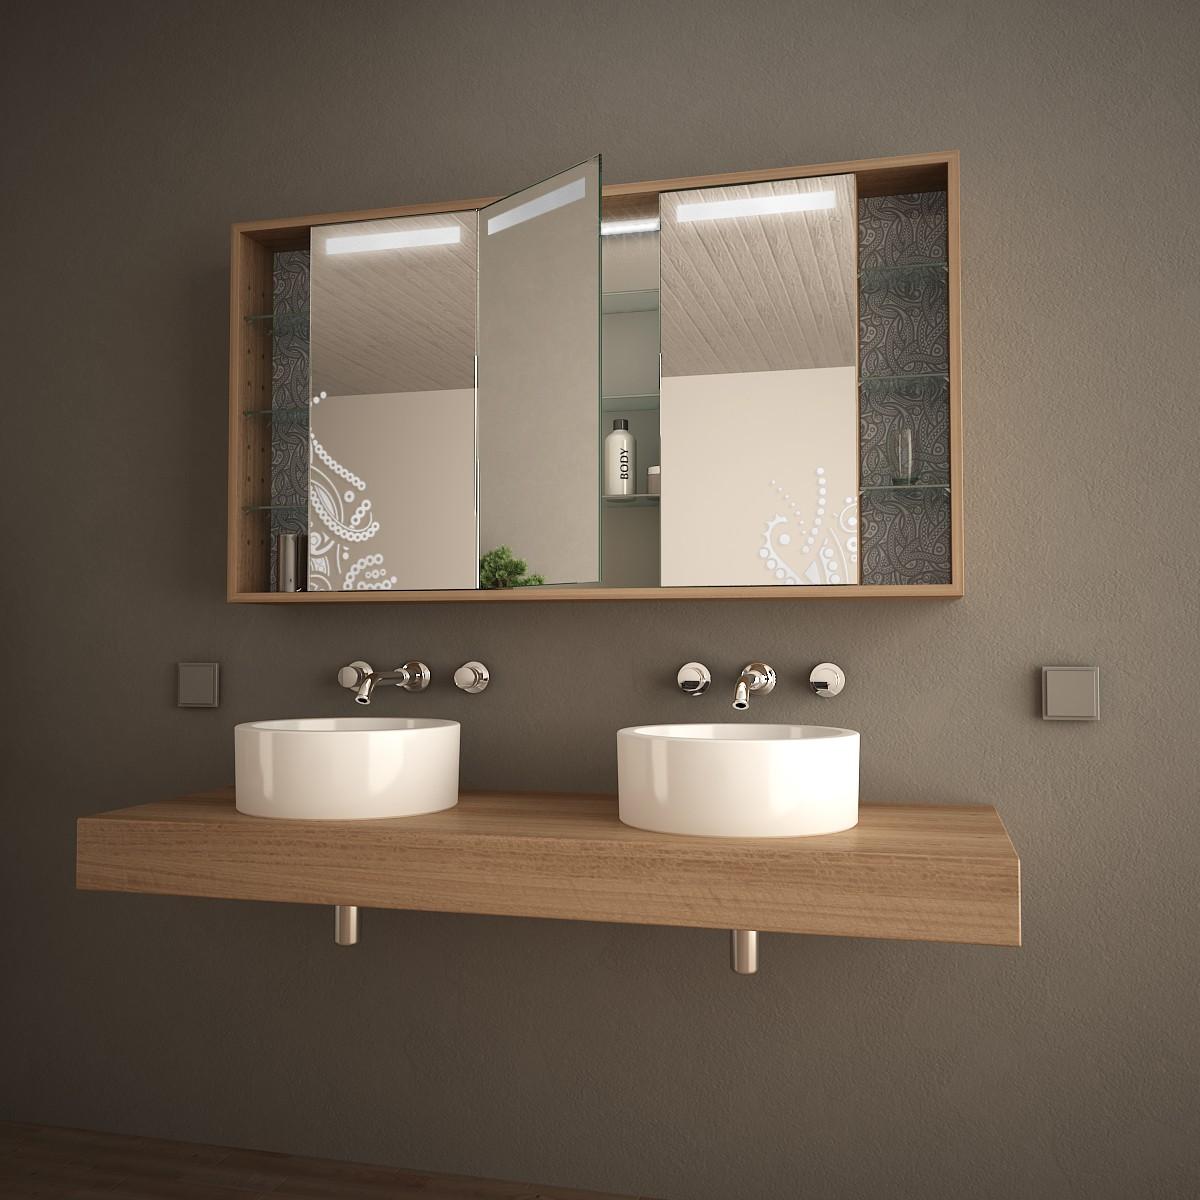 Bad spiegelschrank mit bedrucktem glas soraya 989705300 for Bad spiegelschrank gunstig